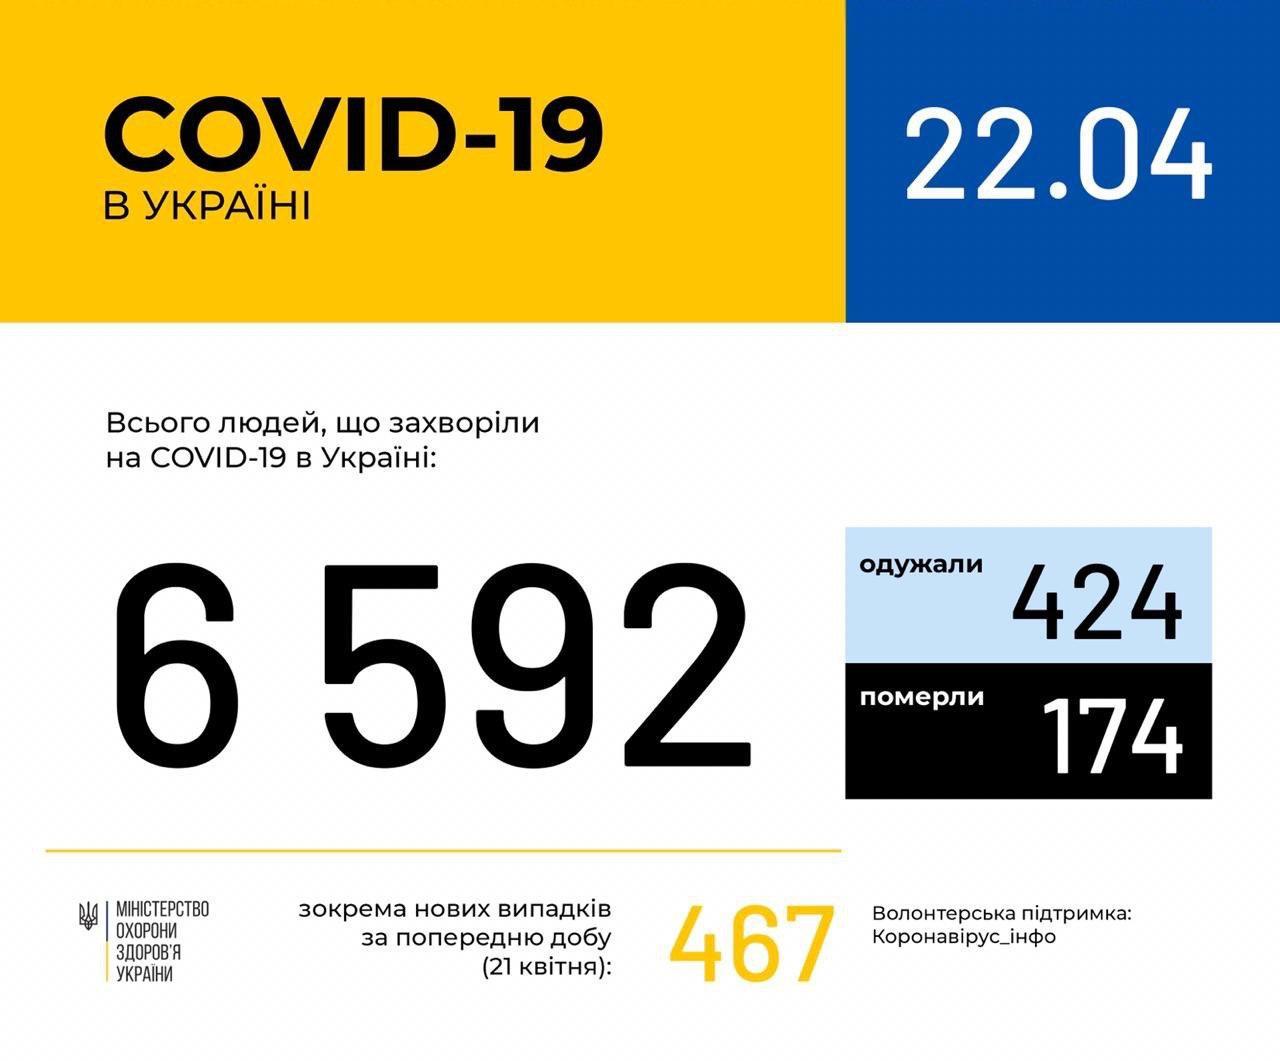 В Україні зафіксовано 6592 випадки коронавірусної хвороби COVID-19